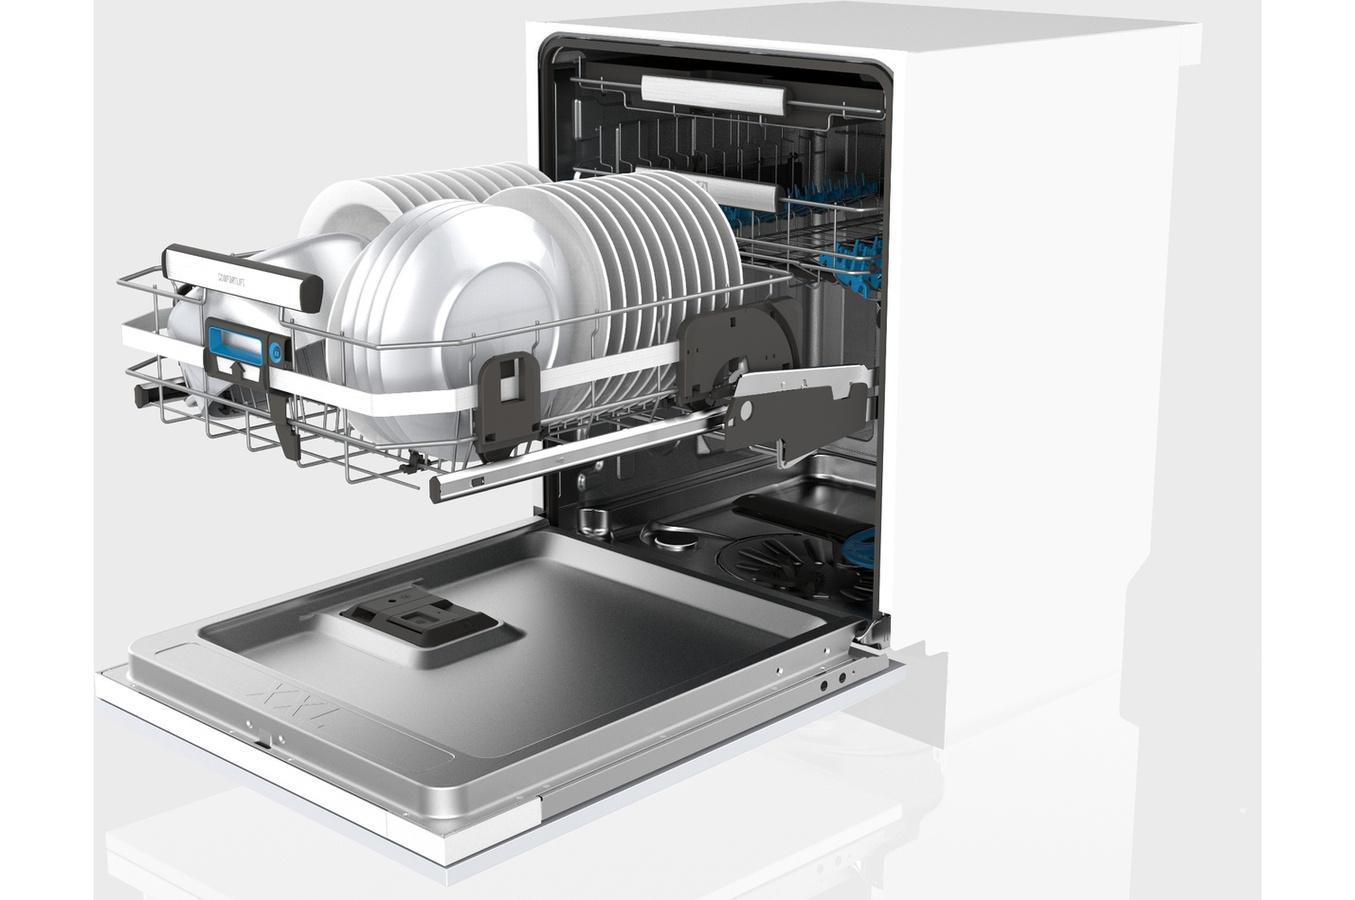 Lave vaisselle electrolux esl7740ra pas cher - Lave vaisselle encastrable pas cher electro depot ...